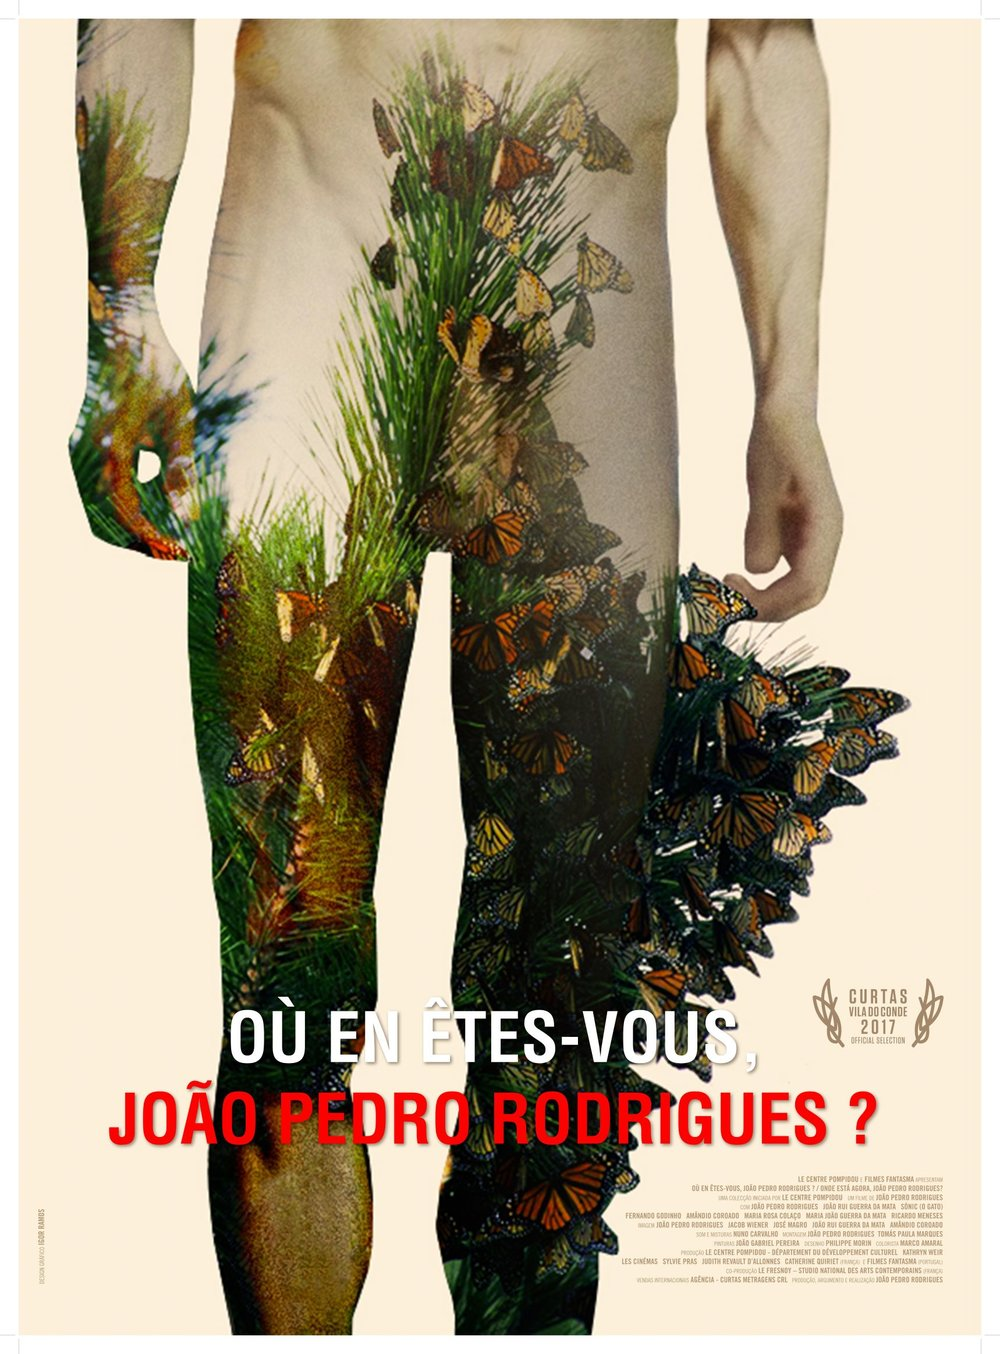 ou_en_etes_vous_JPR_PT_V3-images - red.jpg